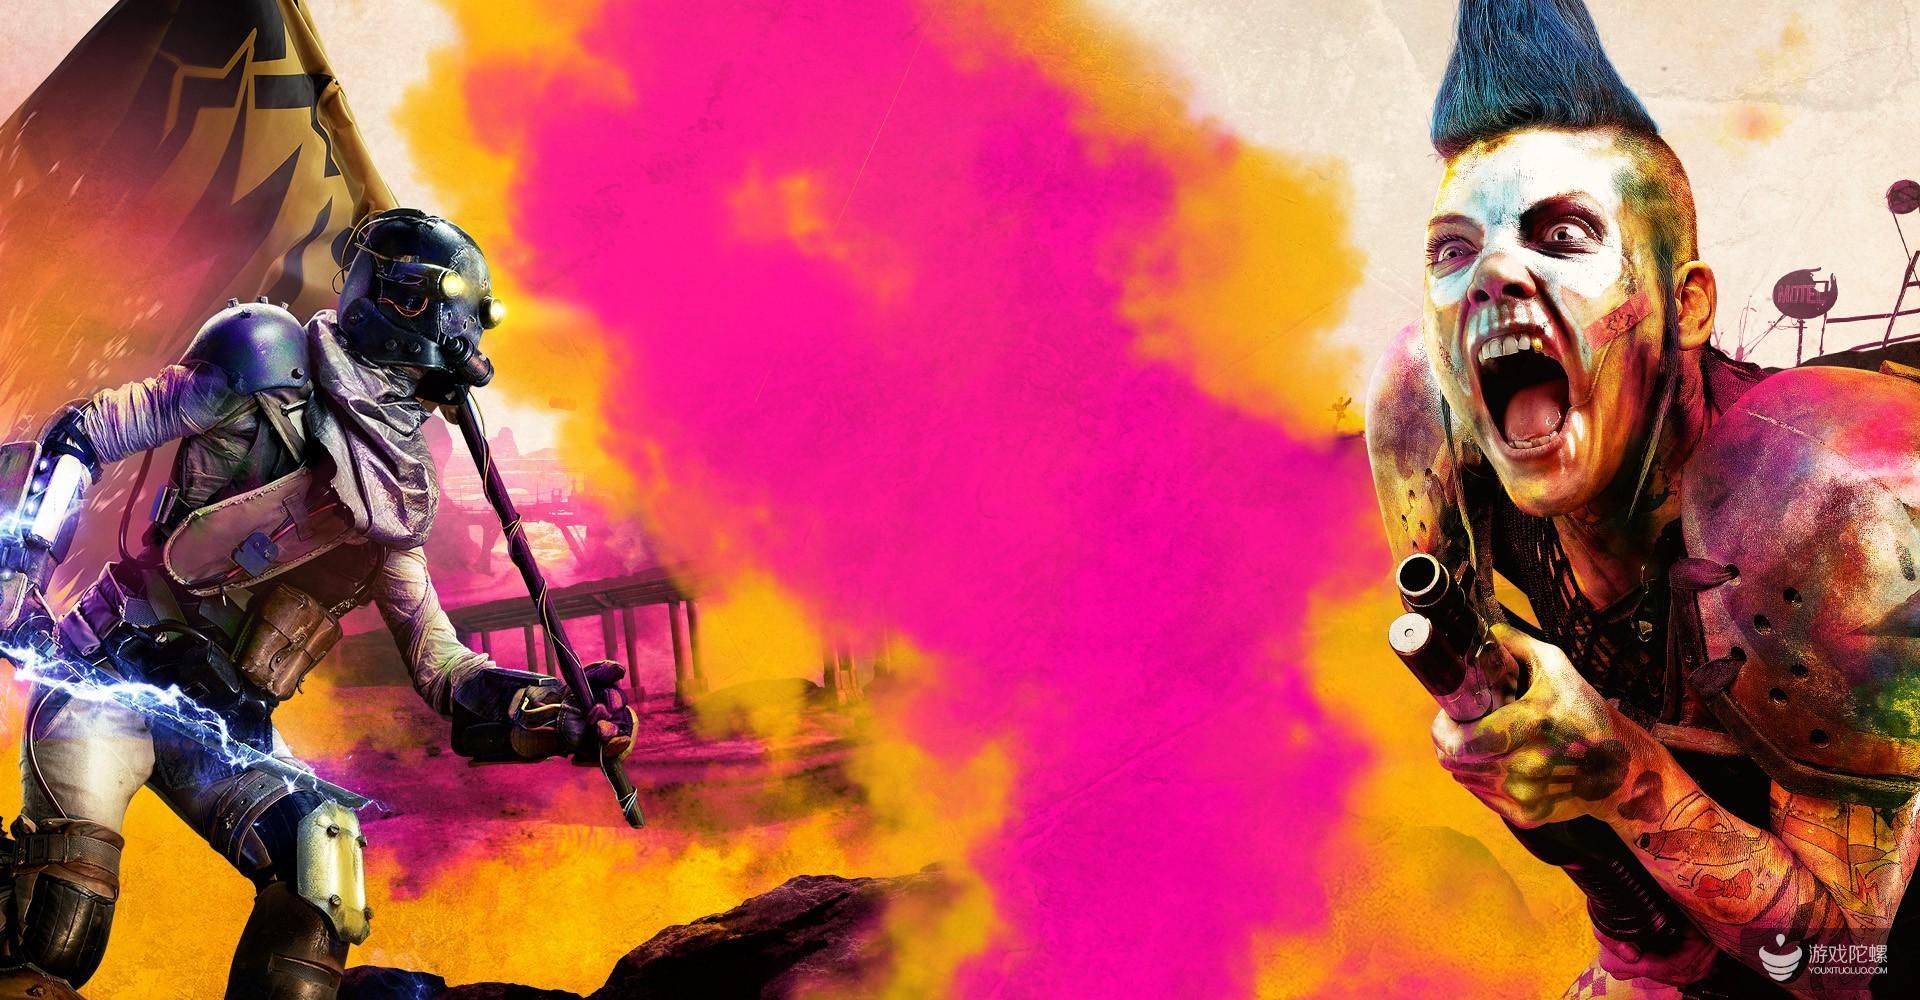 《狂怒》登顶英国实体版游戏销量榜 但首周实体版销量仅前作25%